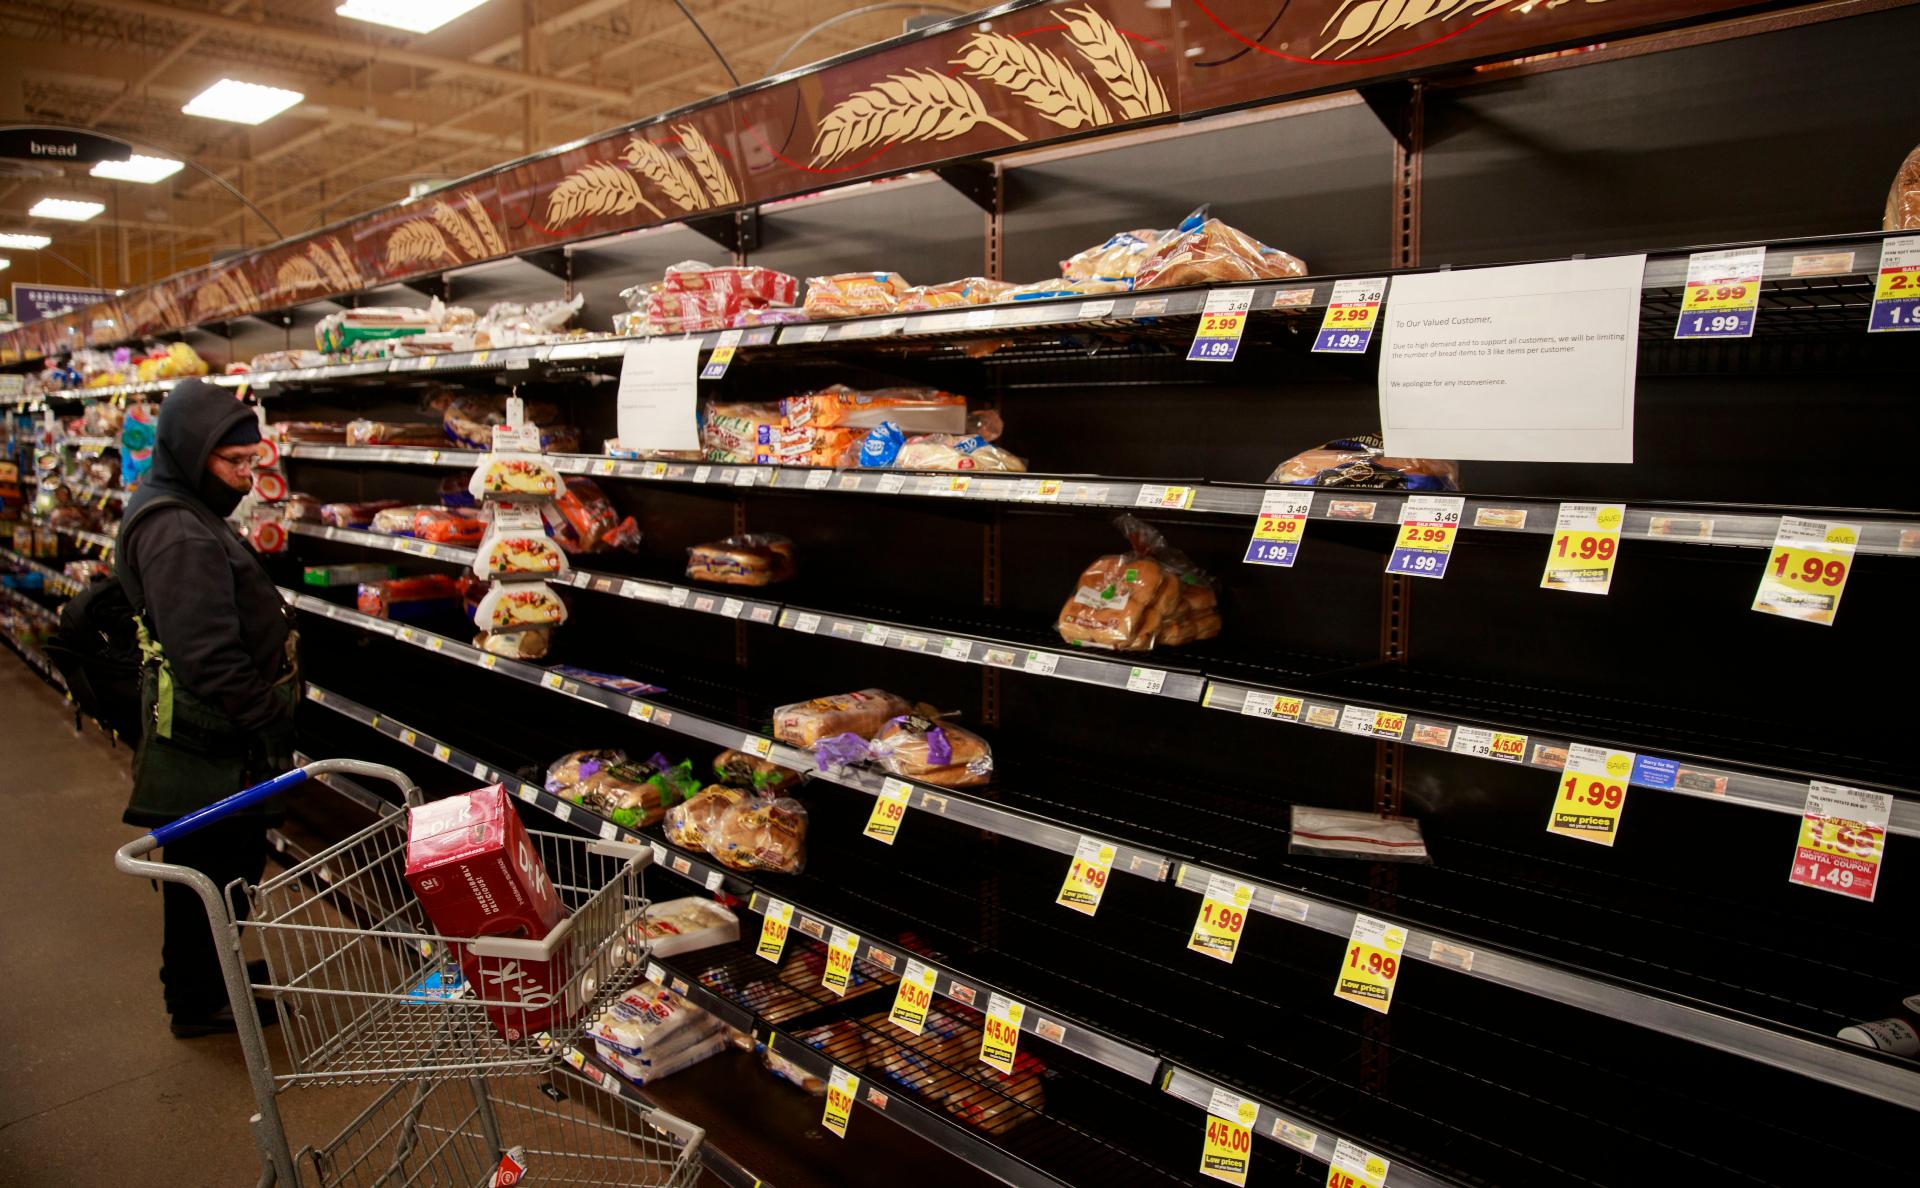 ФАС опровергла информацию о согласовании повышения цен на хлеб и макароны